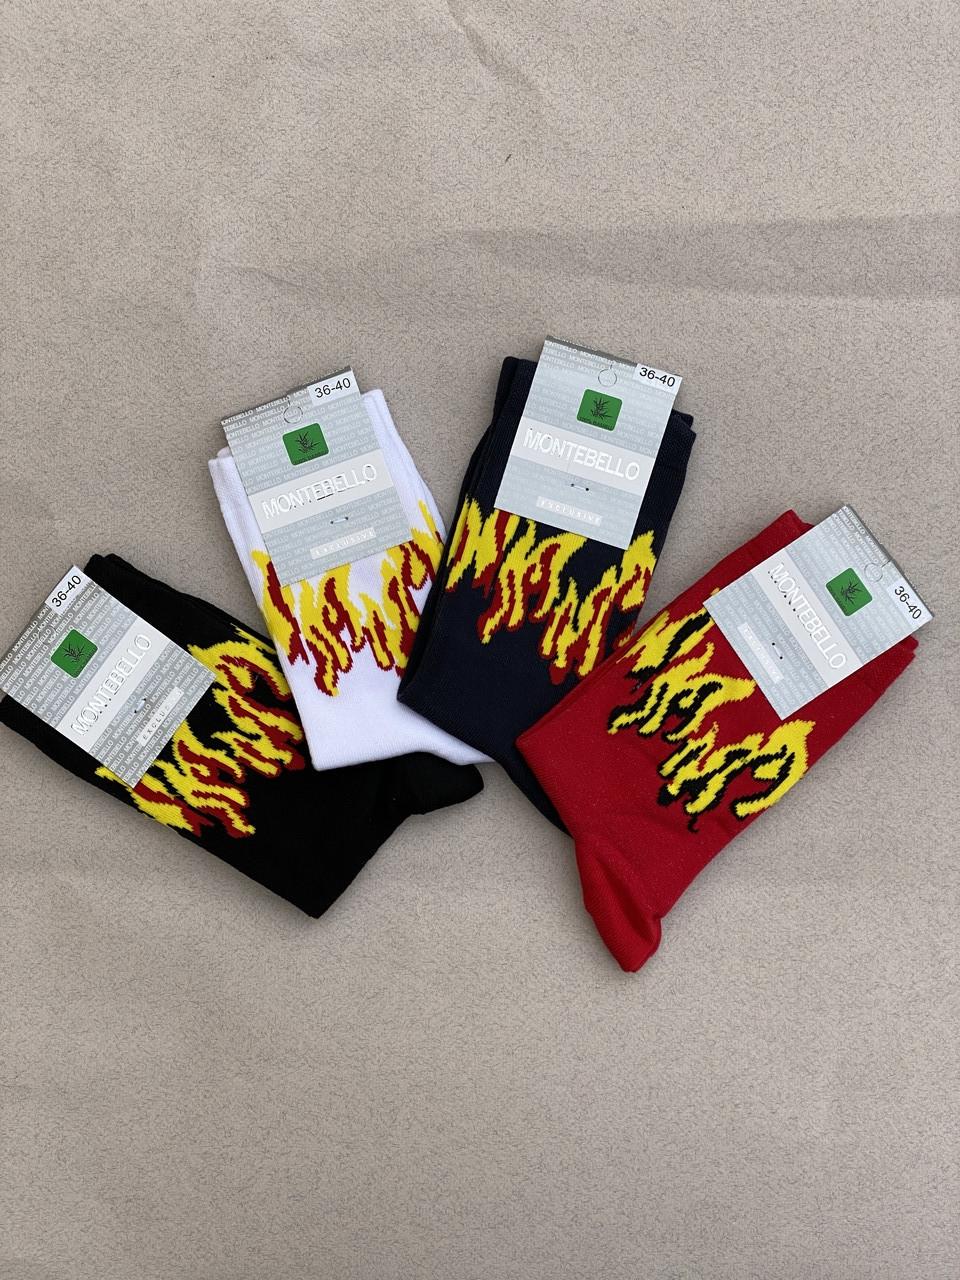 Носки жіночі шкарпетки стрейчеві Montebello з малюнком полум'я 36-40  12 шт в уп сині білі червоні чорні